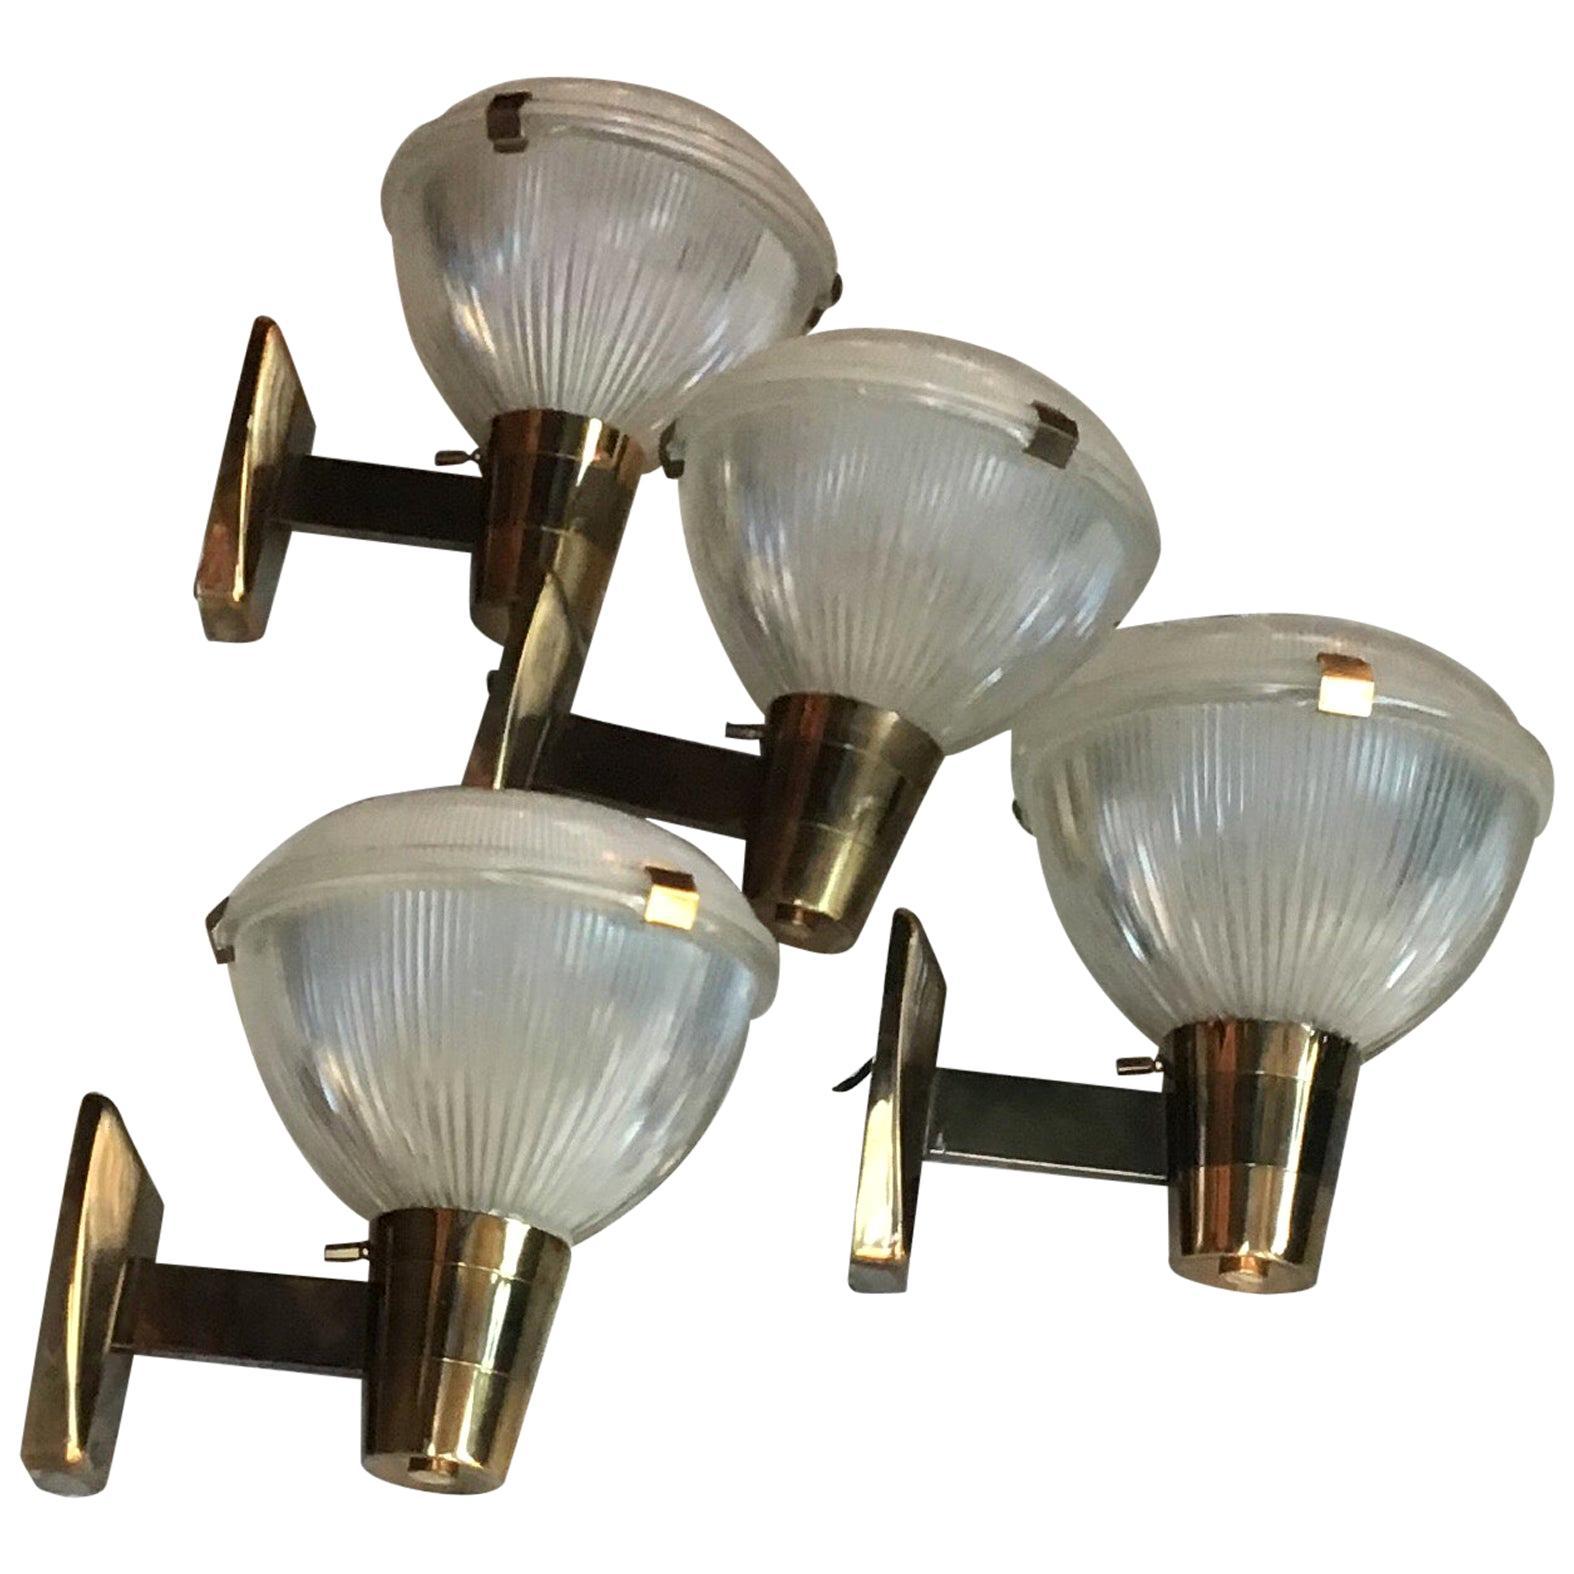 Stilnovo Sconces Brass Glass, 1955, Italy